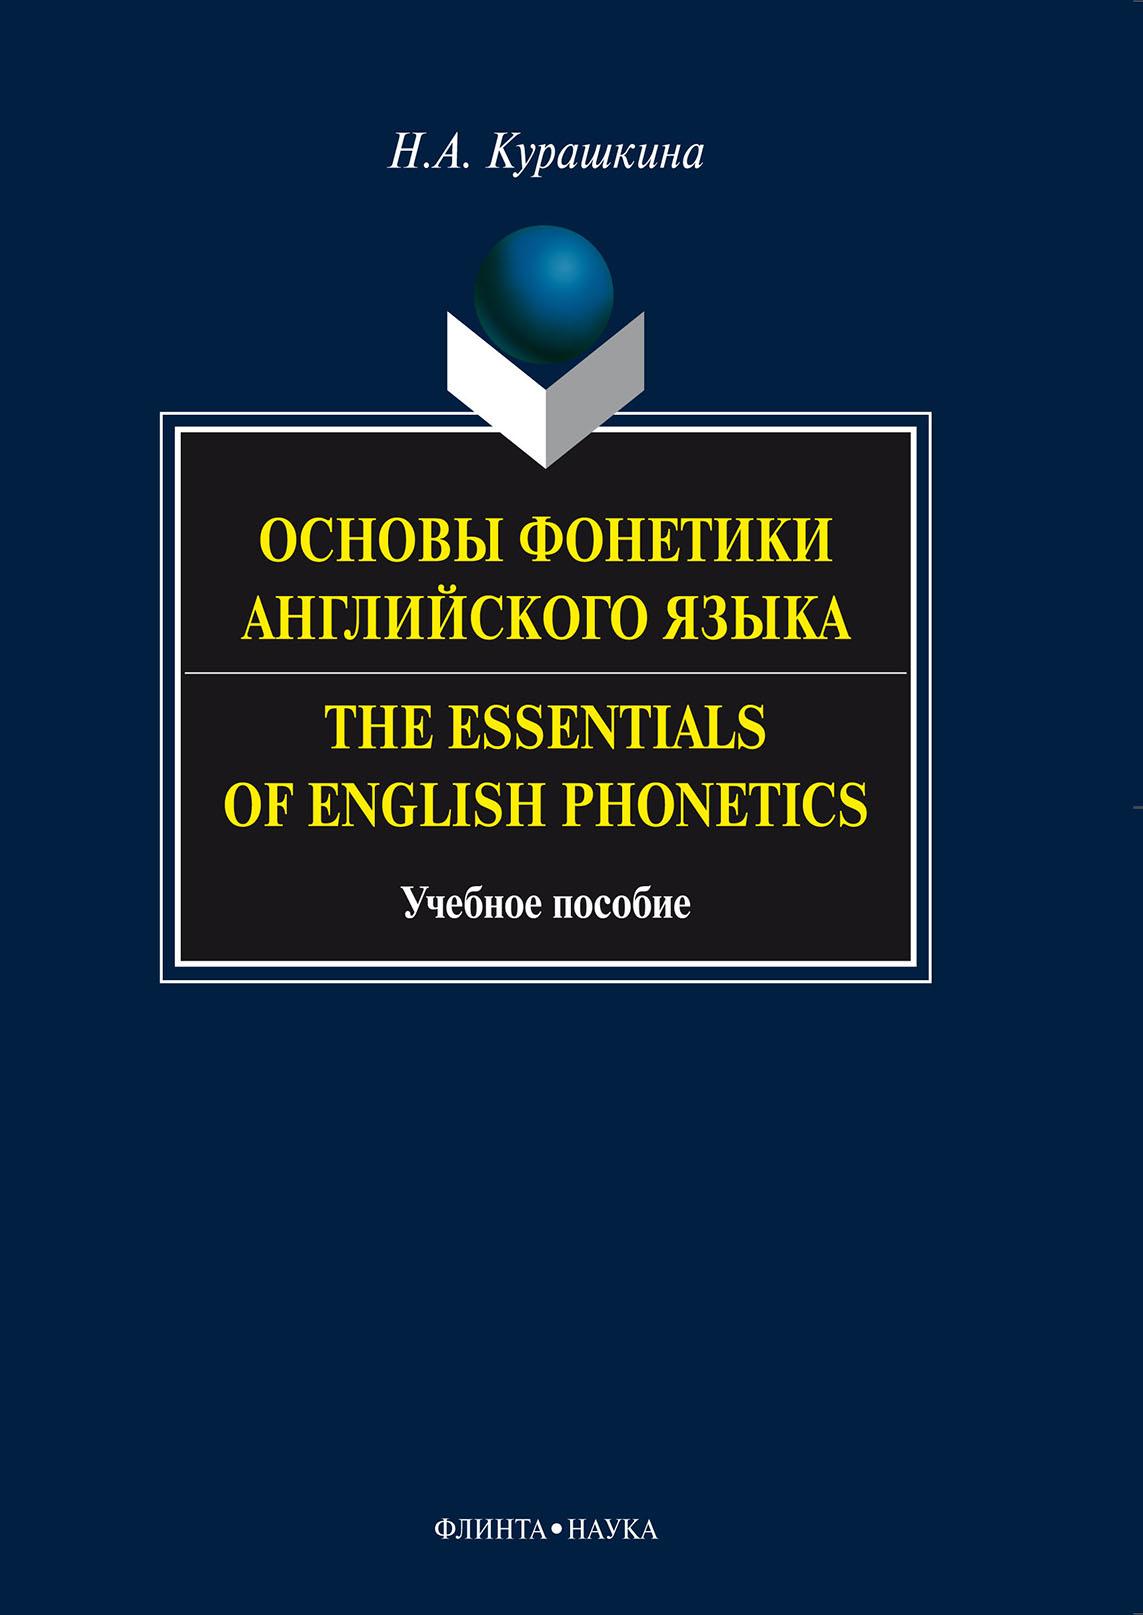 Н. А. Курашкина Основы фонетики английского языка. The Essentials of English Phonetics. Учебное пособие